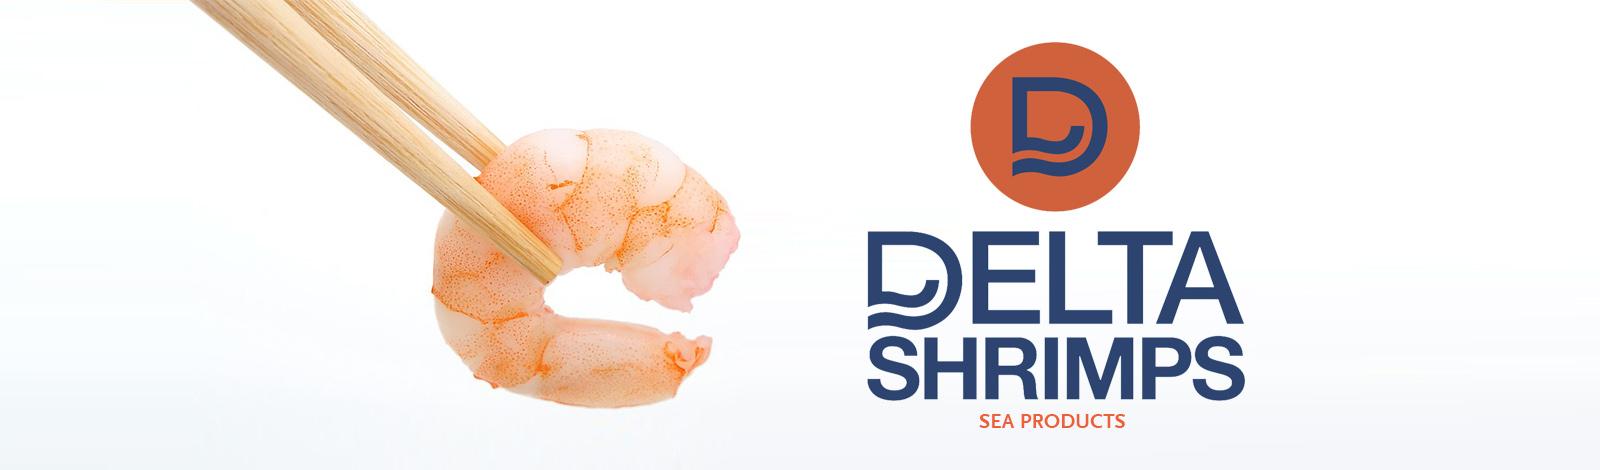 slider-deltashrimps01-ing